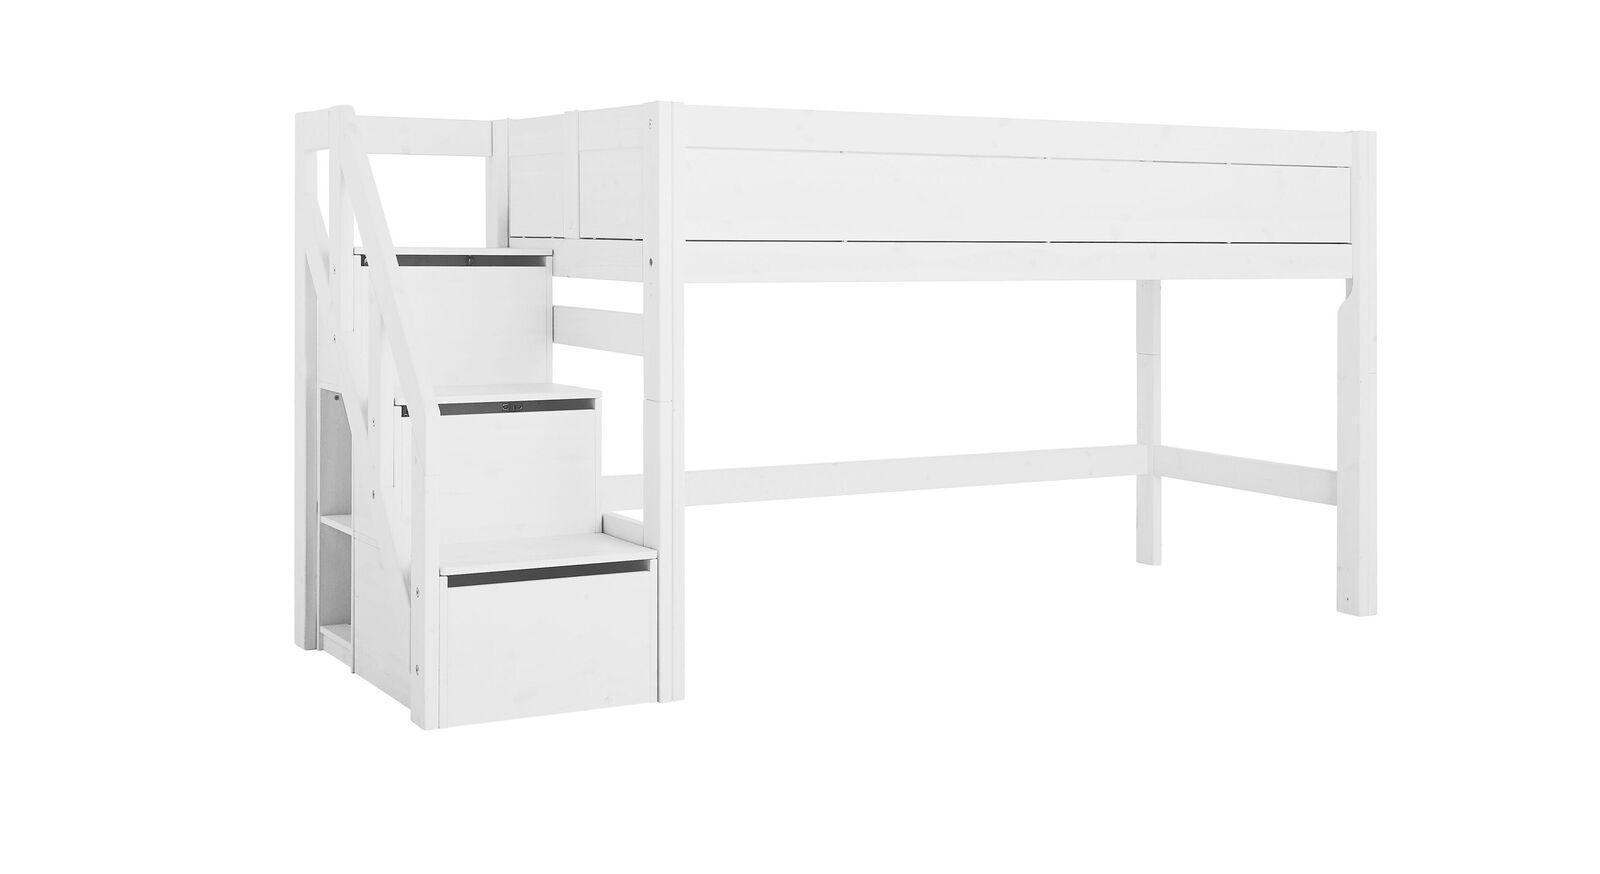 LIFETIME Midi-Hochbett Original mit Treppenmodul in Weiß lackiert